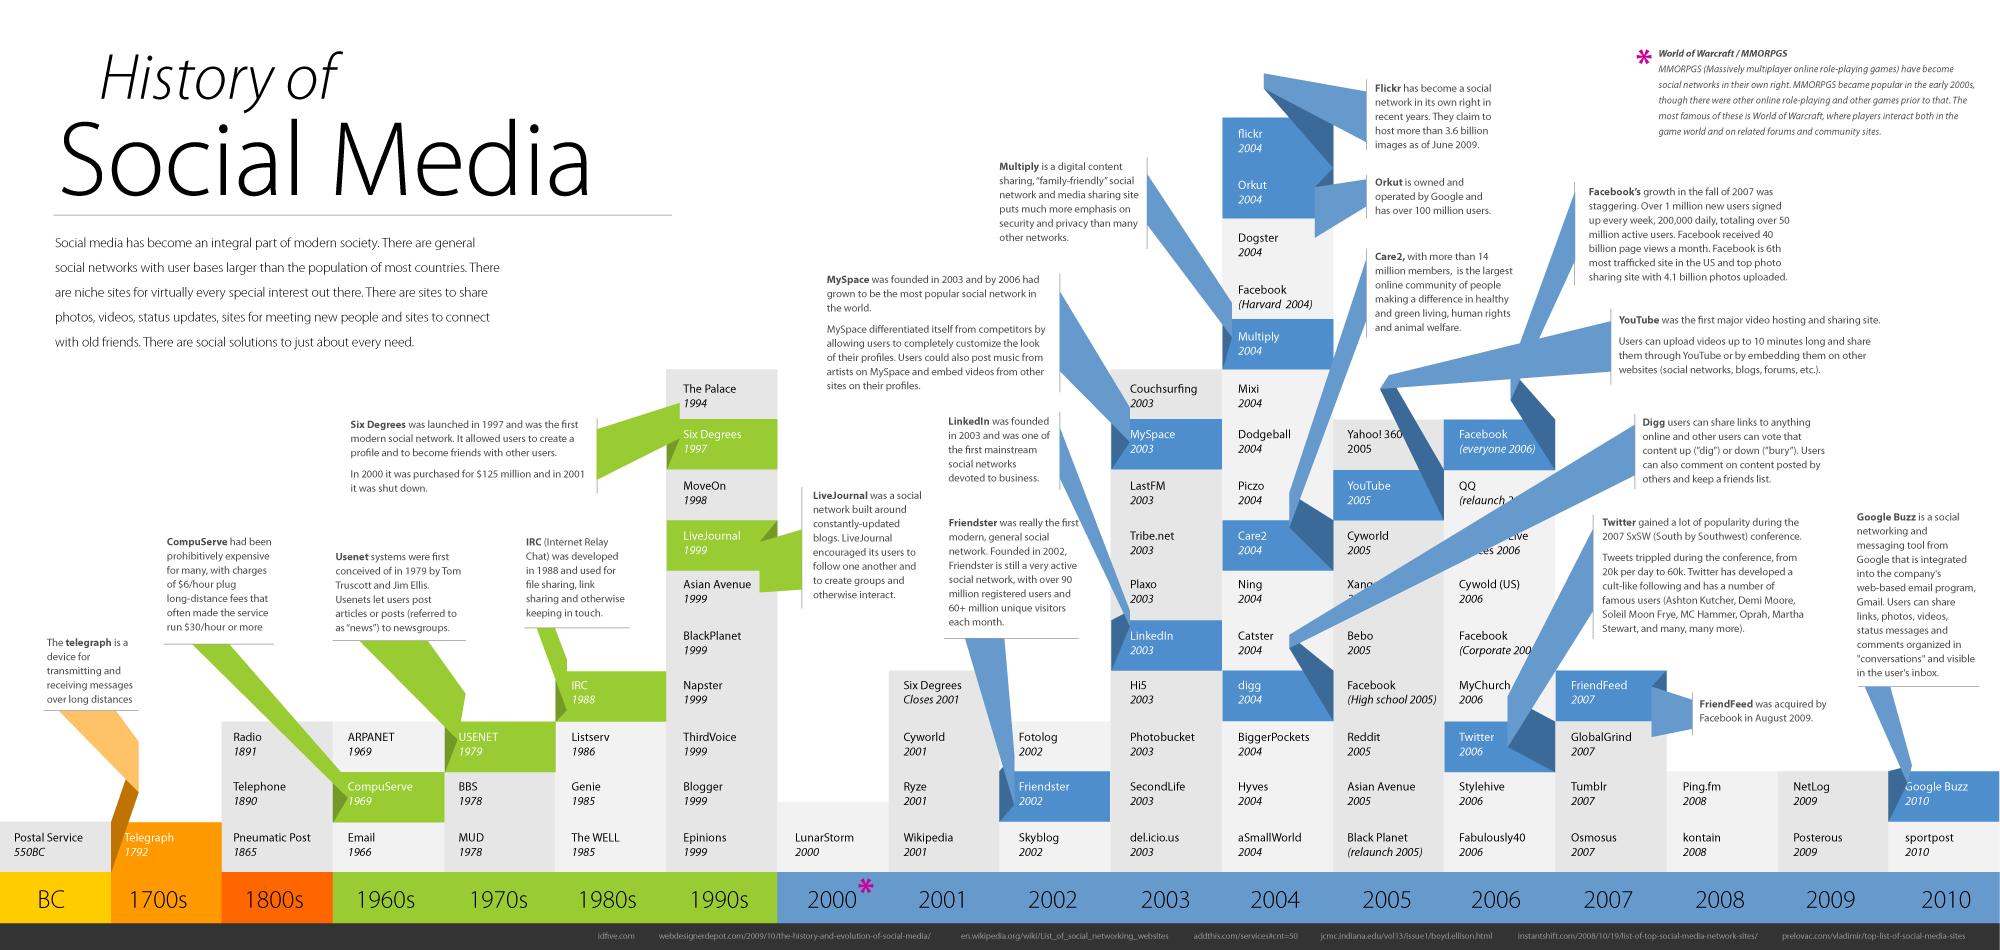 História das mídias sociais (antes e depois da Internet)